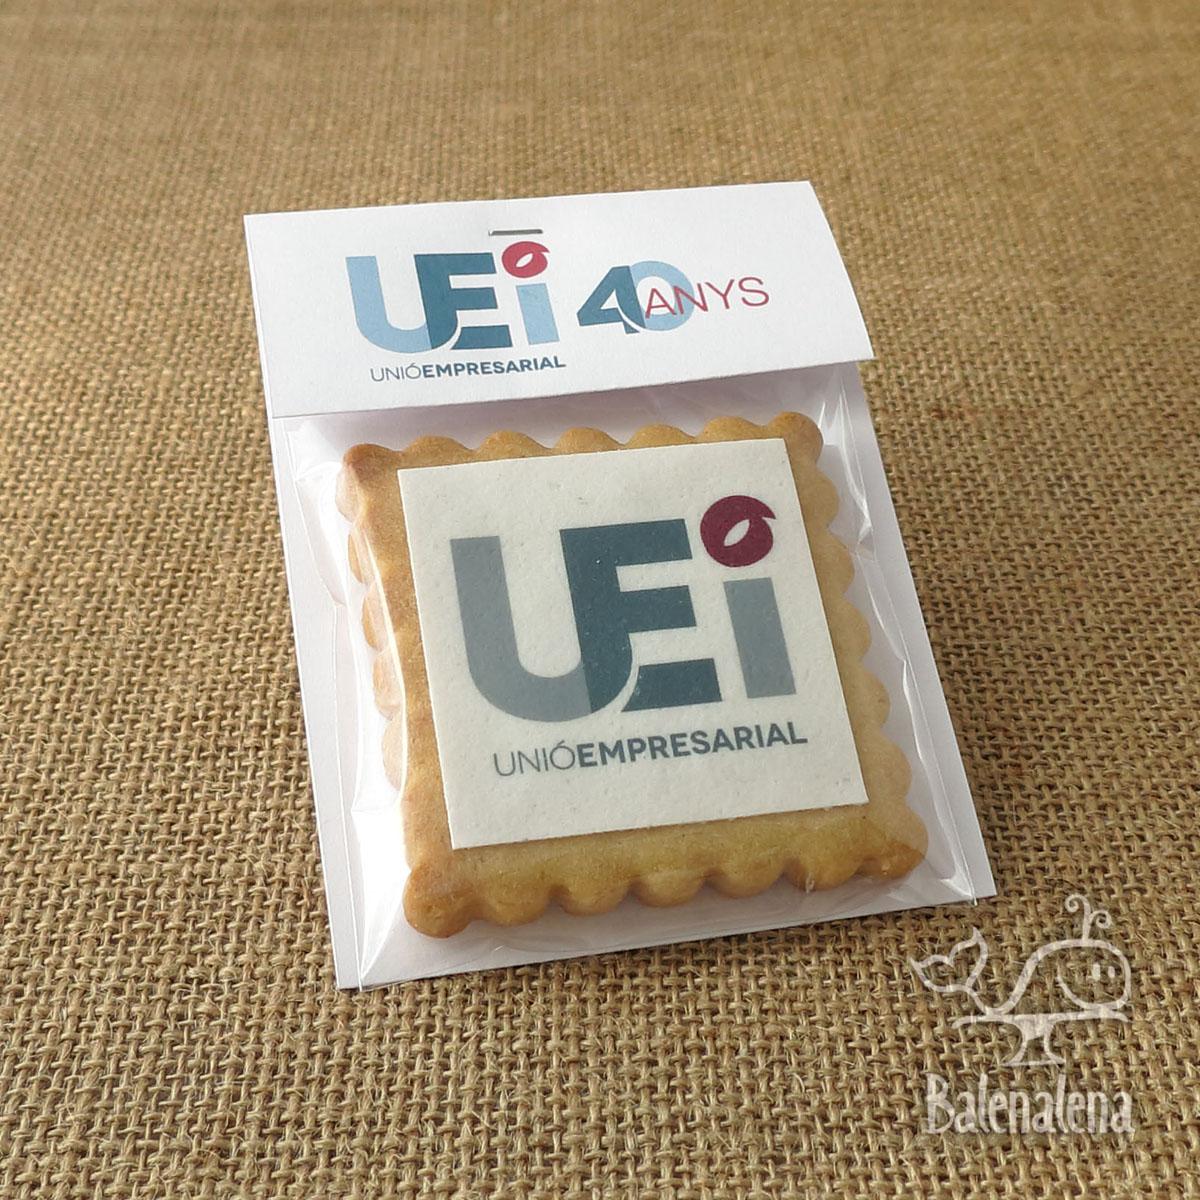 UEI - interactiva